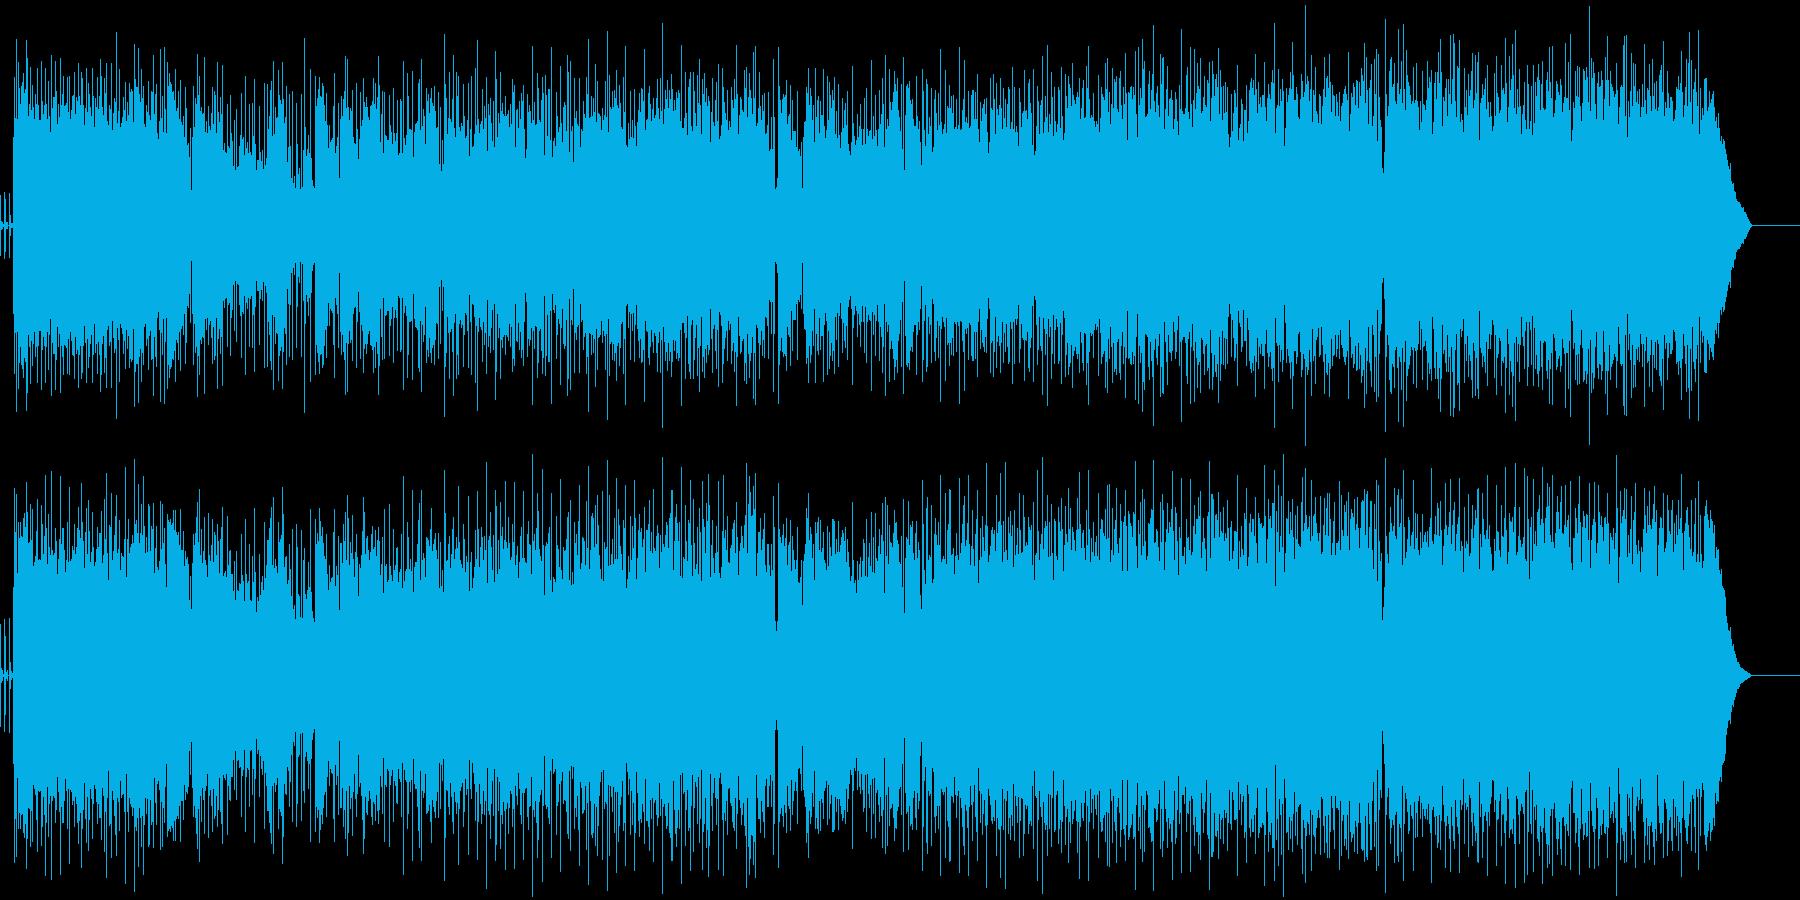 映像と相性の良いロックギターインストの再生済みの波形